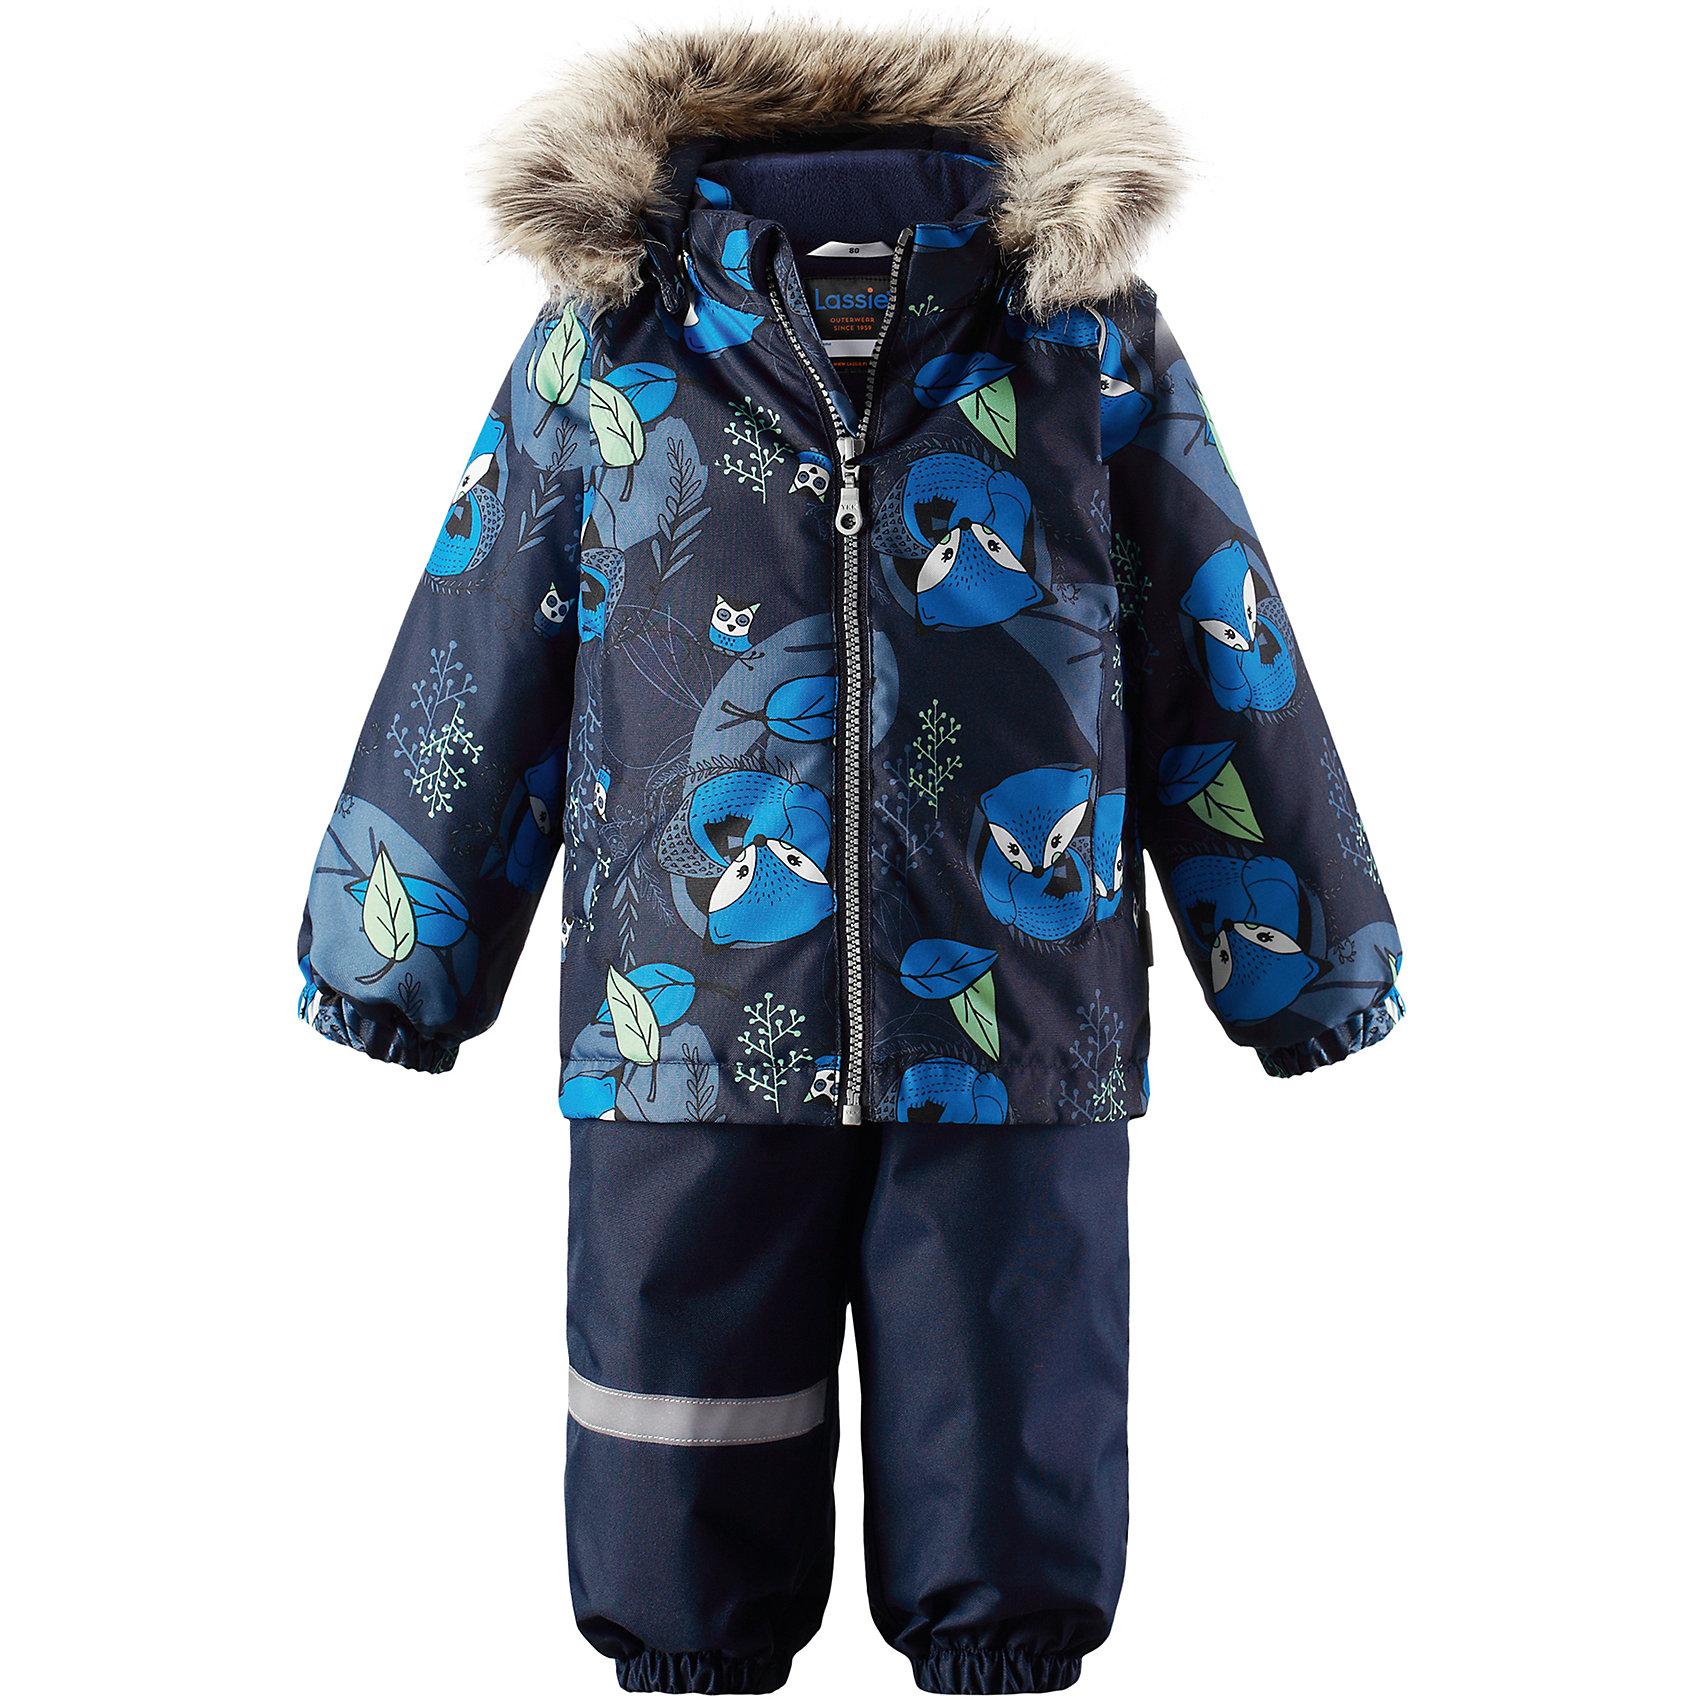 Комплект LassieОдежда<br>Характеристики товара:<br><br>• цвет: синий;<br>• состав: 100% полиэстер, полиуретановое покрытие;<br>• подкладка: 100% полиэстер;<br>• утеплитель: куртка 180 г/м2, брюки 140 г/м2;<br>• сезон: зима;<br>• температурный режим: от 0 до -20С;<br>• водонепроницаемость: 1000 мм;<br>• воздухопроницаемость: 1000 мм;<br>• износостойкость: 50000 циклов (тест Мартиндейла)<br>• застежка: молния с защитой подбородка, молния сбоку у брюк;<br>• водоотталкивающий, ветронепроницаемый и дышащий материал;<br>• сверхпрочный материал;<br>• задний серединный шов брюк проклеен;<br>• гладкая подкладка из полиэстера;<br>• безопасный съемный капюшон;<br>• съемный искусственный мех на капюшоне;<br>• эластичные манжеты;<br>• регулируемый подол;<br>• эластичные штанины;<br>• съемные эластичные штрипки;<br>• два прорезных кармана;<br>• регулируемые эластичные подтяжки;<br>• светоотражающие детали;<br>• страна бренда: Финляндия;<br>• страна изготовитель: Китай;<br><br>Этот красивый зимний комплект для малышей исполнен волшебного духа зимы, а еще он очень практичный! Комплект изготовлен из прочного, ветронепроницаемого и дышащего материала с верхним водо- и грязеотталкивающим слоем, он обеспечивает полный комфорт во время веселых прогулок. Безопасный съемный капюшон украшает стильная оторочка из искусственного меха, а регулируемый подол позволяет откорректировать куртку идеально по фигуре. Обратите внимание на удобные съемные штрипки, за счет которых брюки не будут задираться, и съемные регулируемые подтяжки – брюки не будут спадать, как ни бегай!<br><br>Комплект Lassie (Ласси) можно купить в нашем интернет-магазине.<br><br>Ширина мм: 356<br>Глубина мм: 10<br>Высота мм: 245<br>Вес г: 519<br>Цвет: синий<br>Возраст от месяцев: 6<br>Возраст до месяцев: 9<br>Пол: Мужской<br>Возраст: Детский<br>Размер: 74,98,92,86,80<br>SKU: 6905428